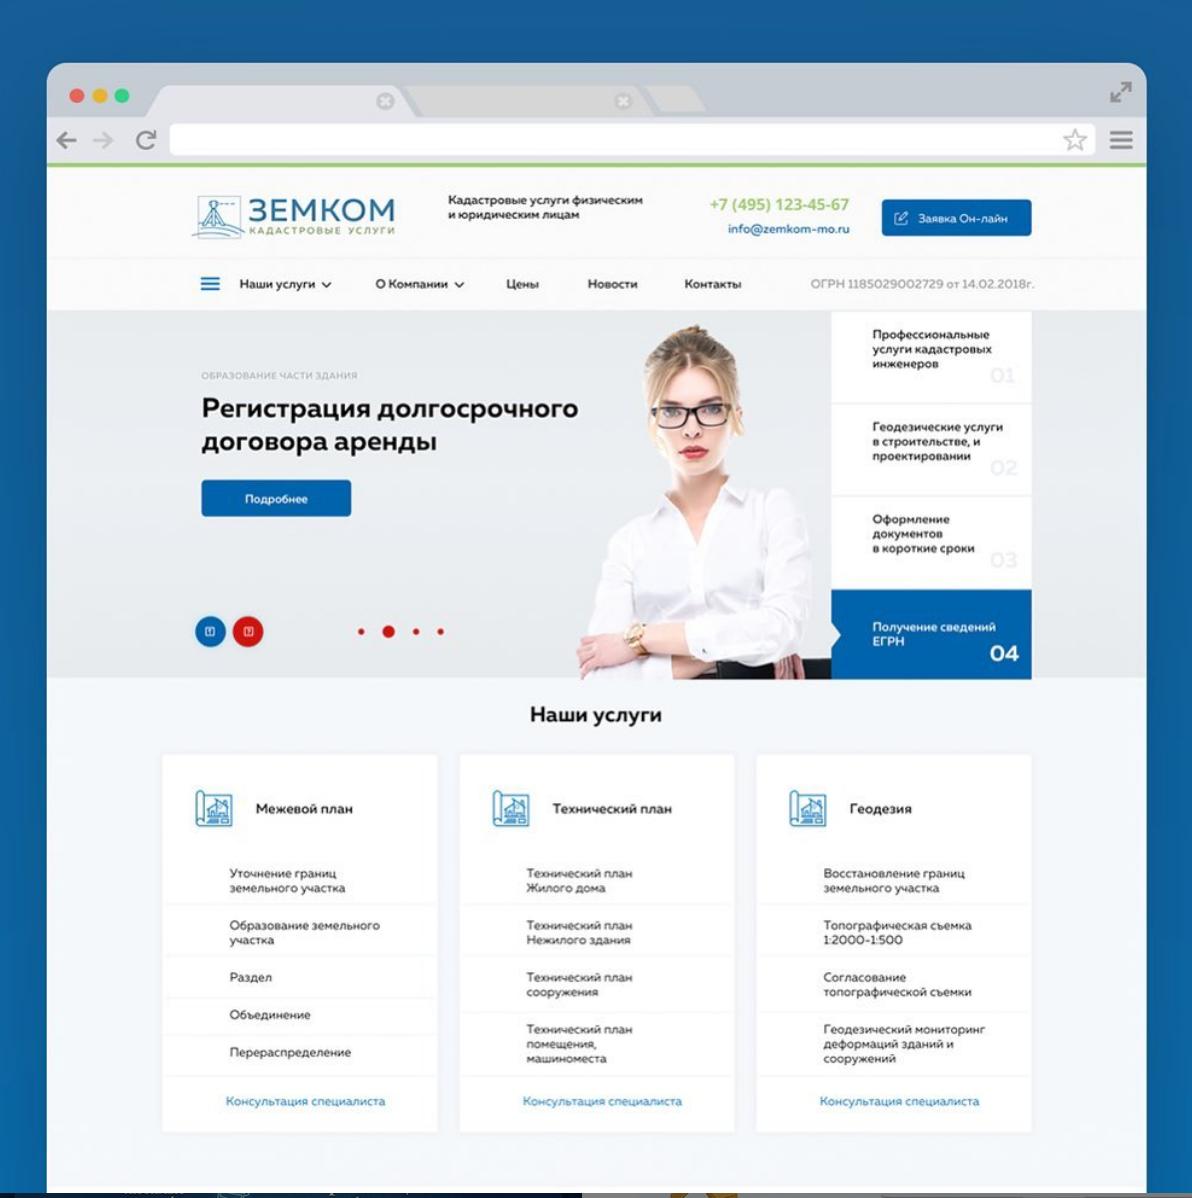 Кадастровые услуги для физических и юридических лиц - ЗЕМКОМ